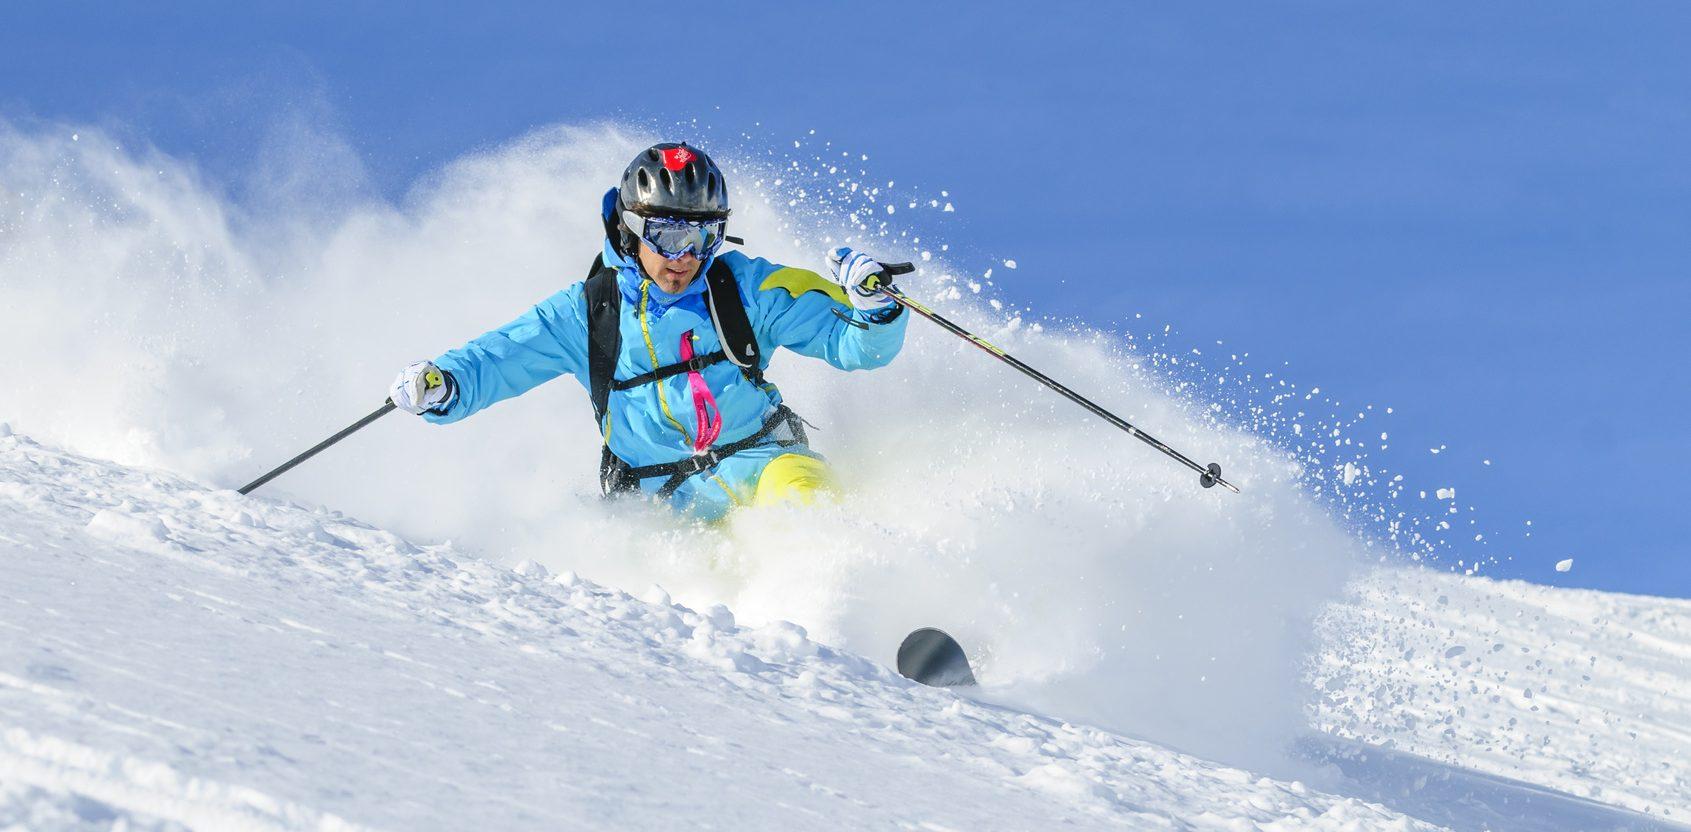 Genießen Sie mit uns ein außergewöhnliches Skiwochenende in den Tannheimer Bergen.